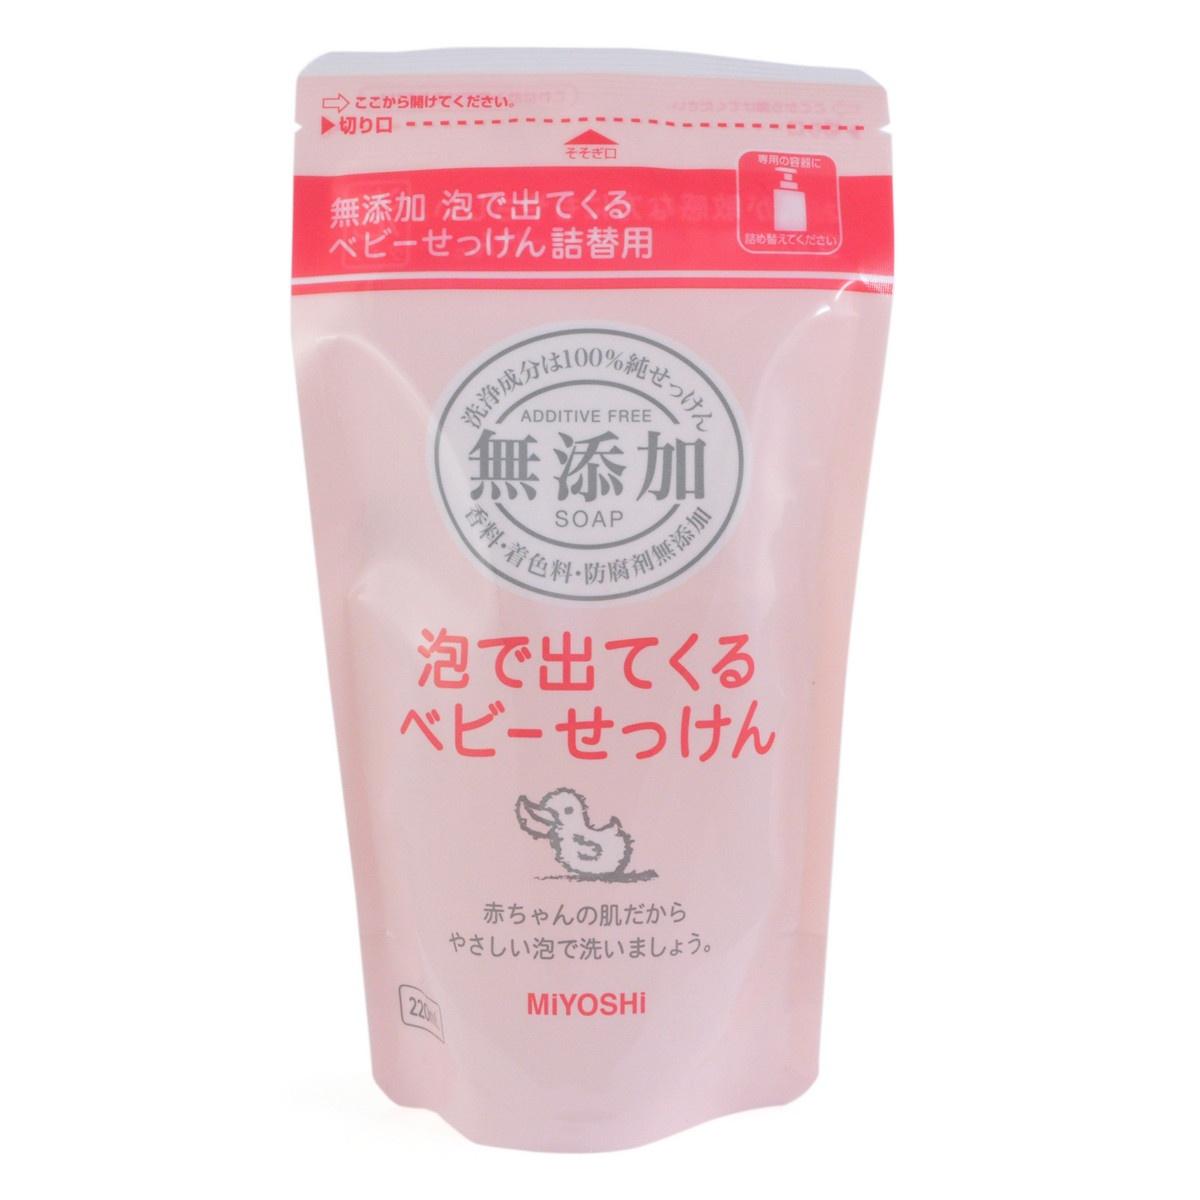 Жидкое мыло MIYOSHI 100721